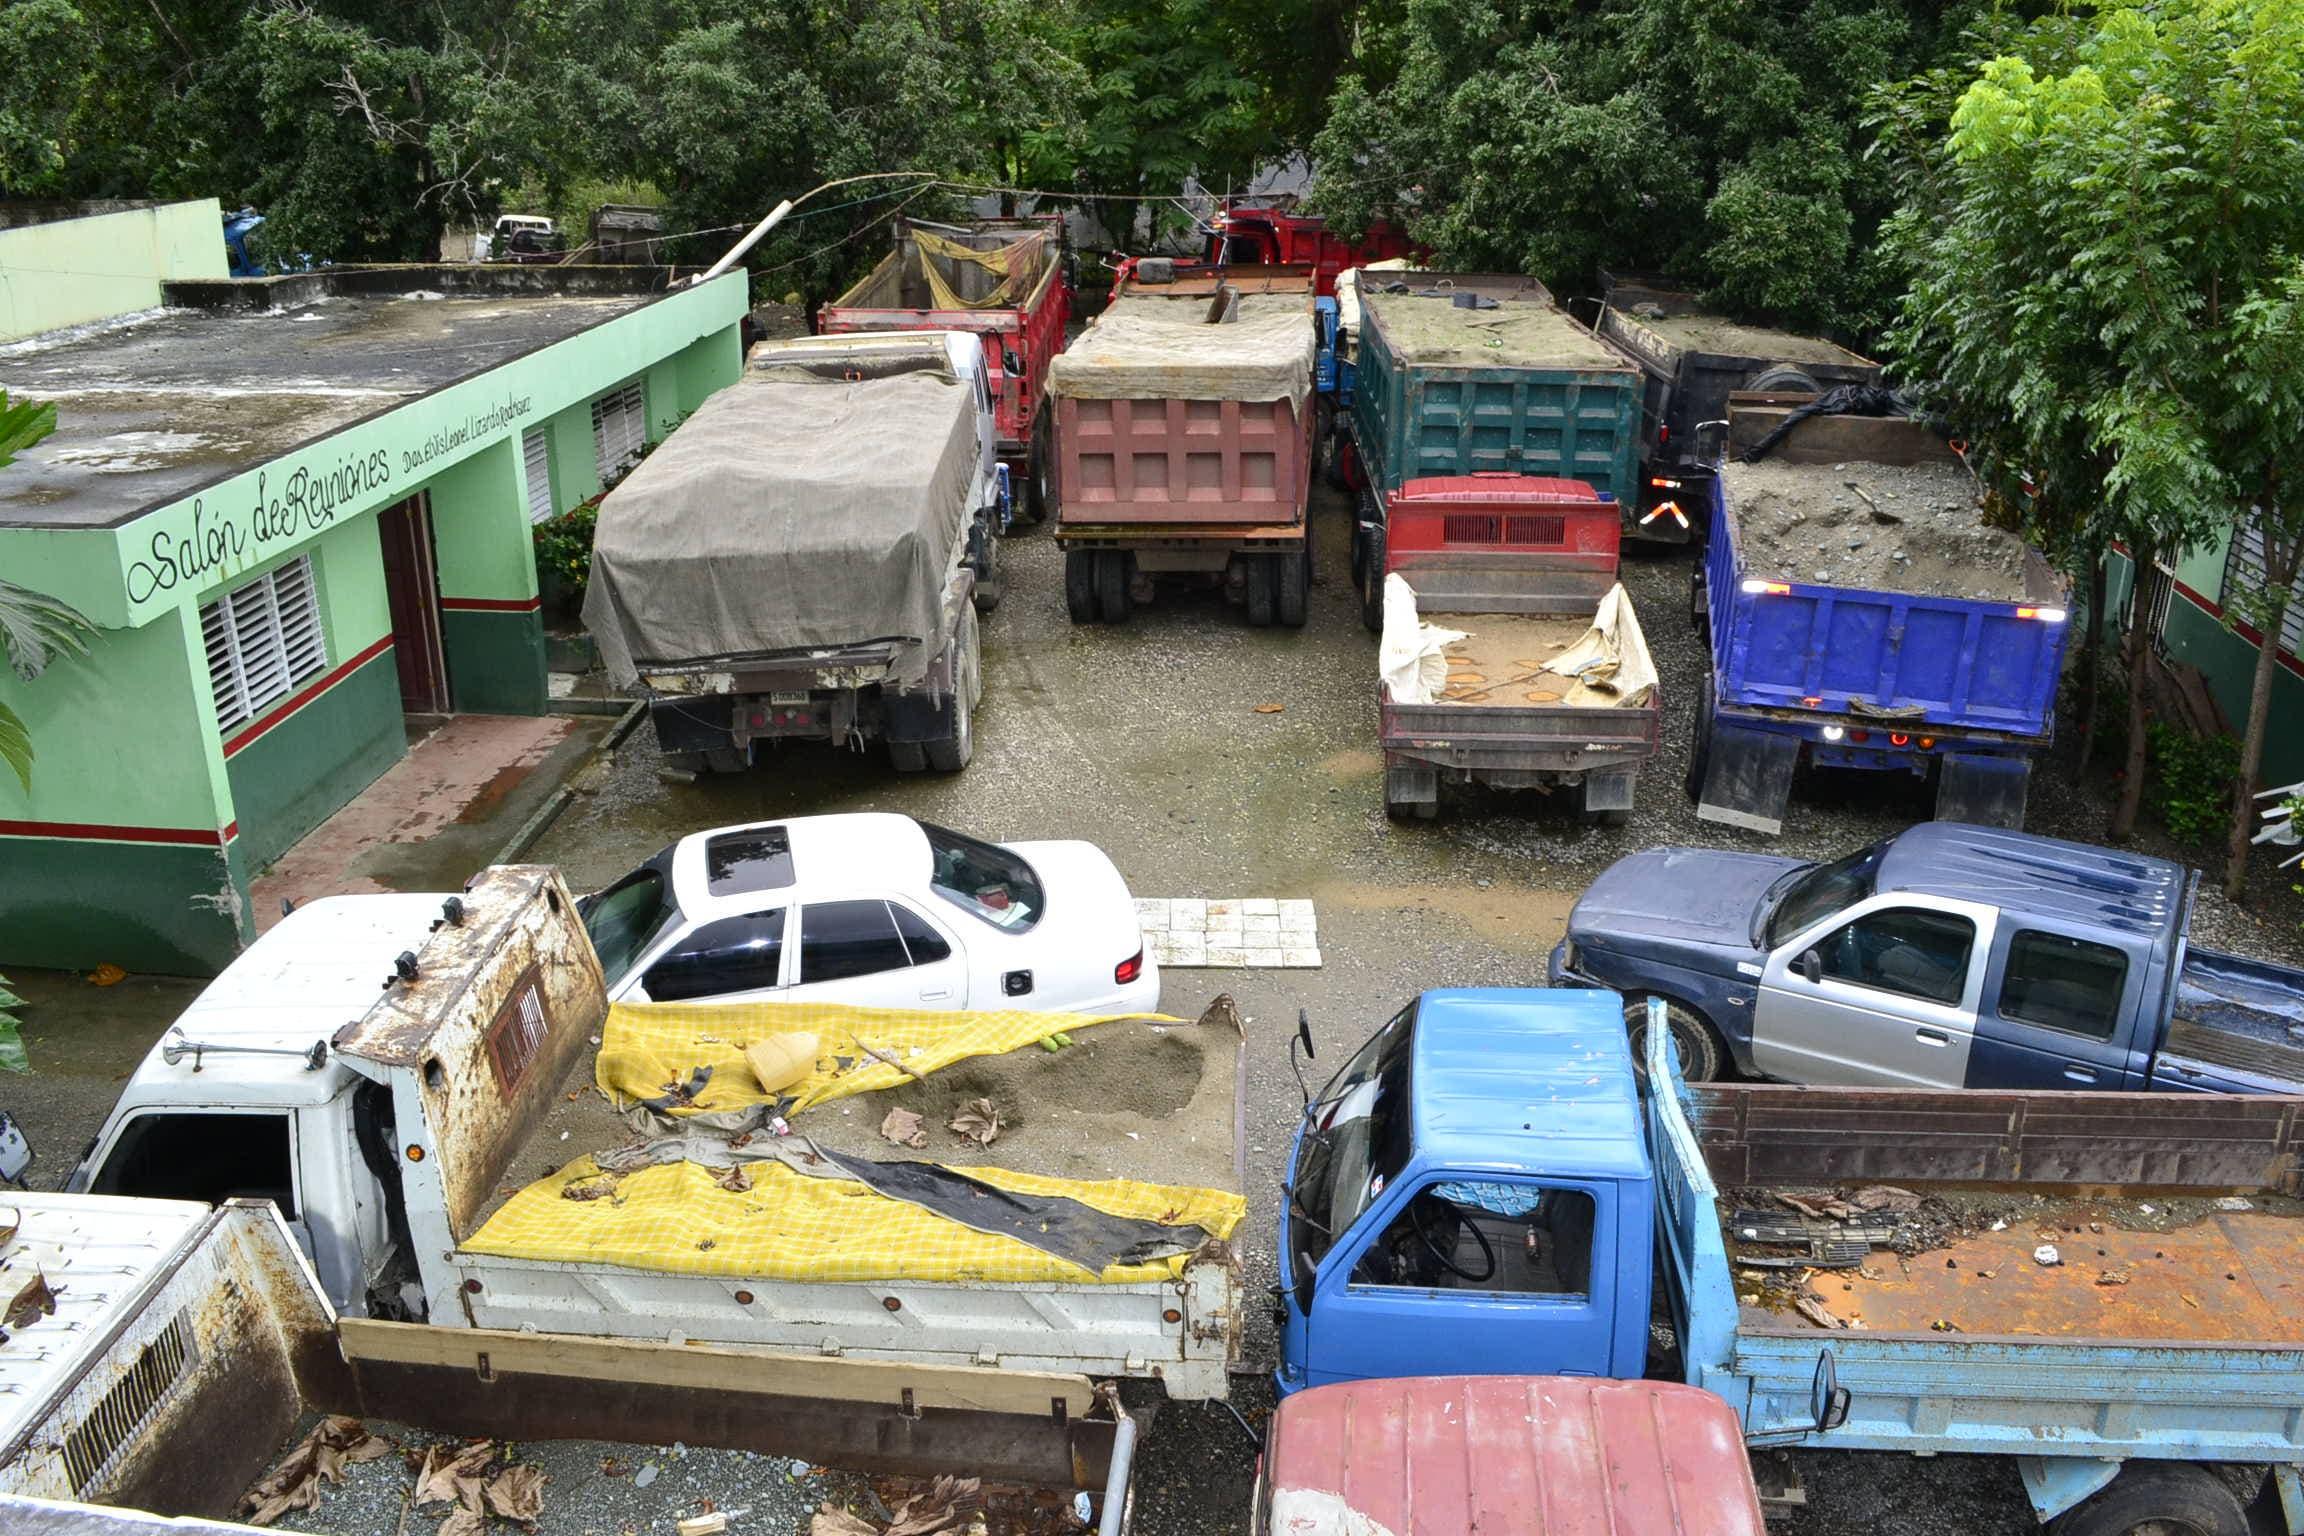 Medio Ambiente retiene camiones usados para transportar arena extraída de ríos ilegal